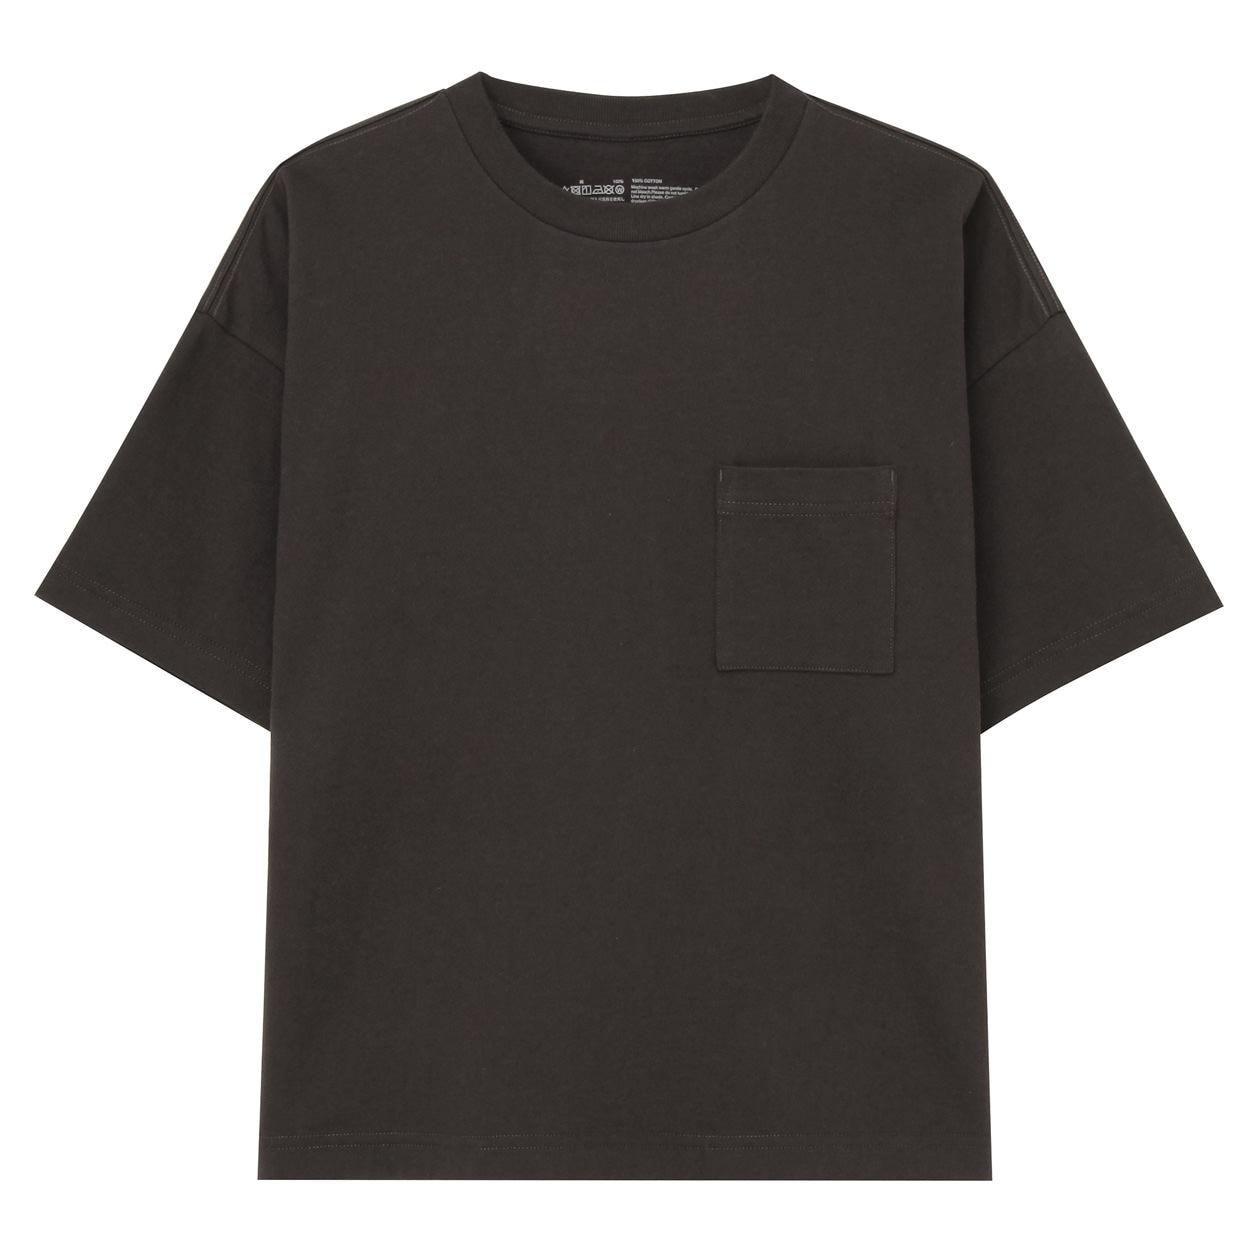 オーガニックコットンワイドTシャツ(無地&ボーダー)